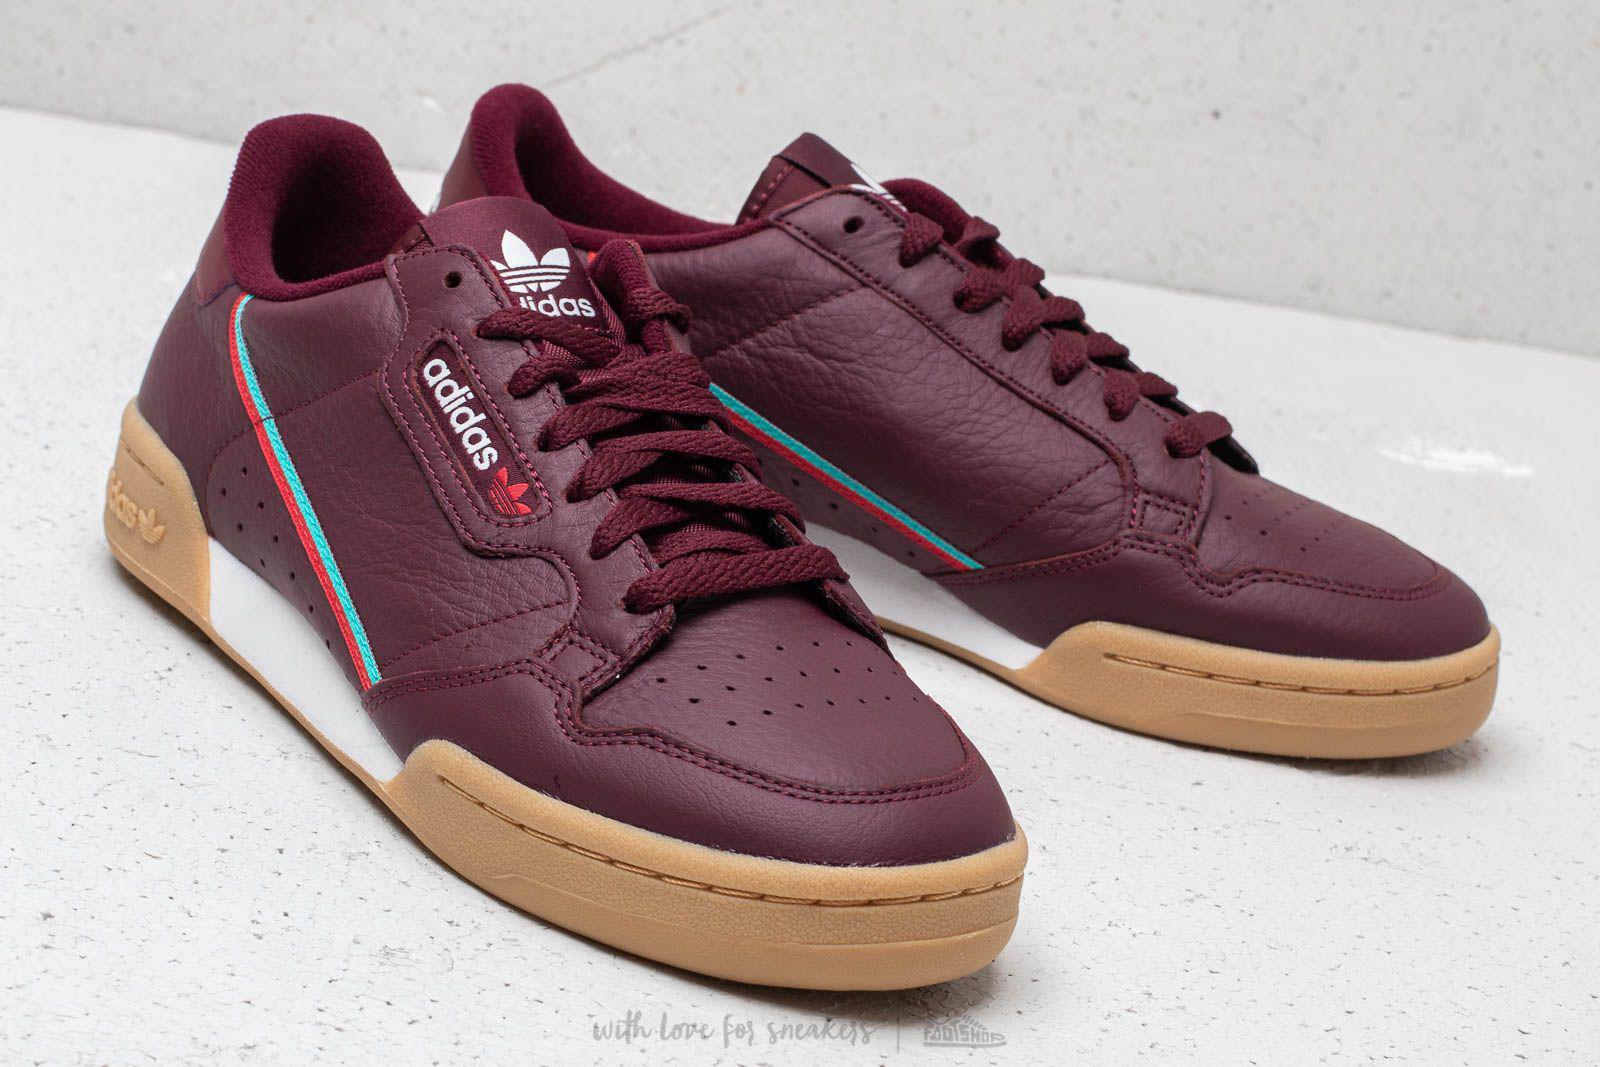 huge selection of 686b8 4c7f9 Lyst - adidas Originals Adidas Continental 80 Collegiate Bur